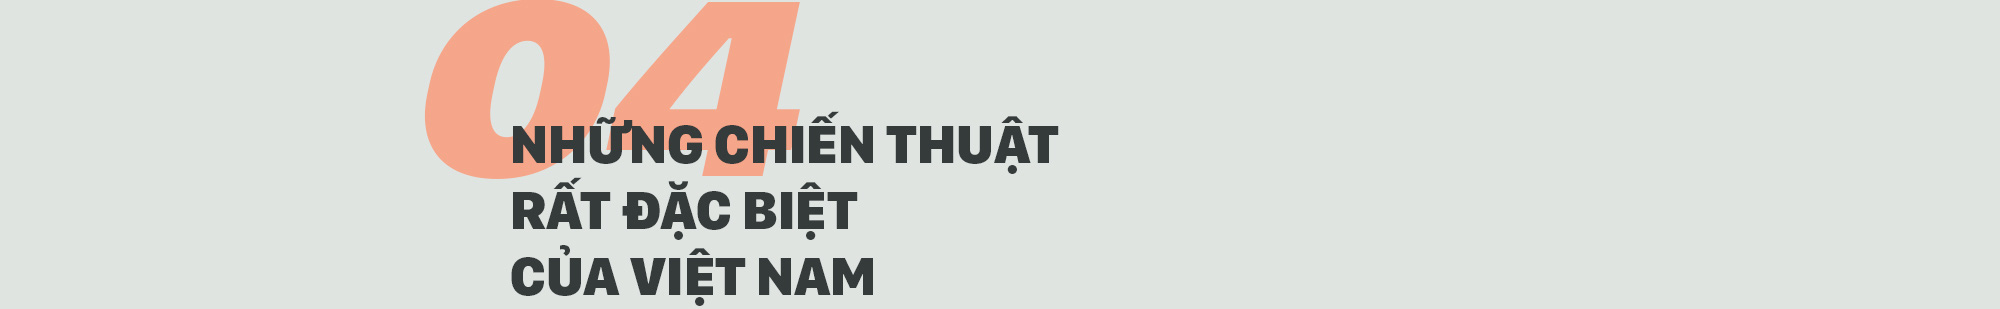 Chúng ta nghèo hơn Mỹ, Nhật, Hàn nhưng Việt Nam là quốc gia đặc biệt, có chiến thuật đặc biệt - Ảnh 9.